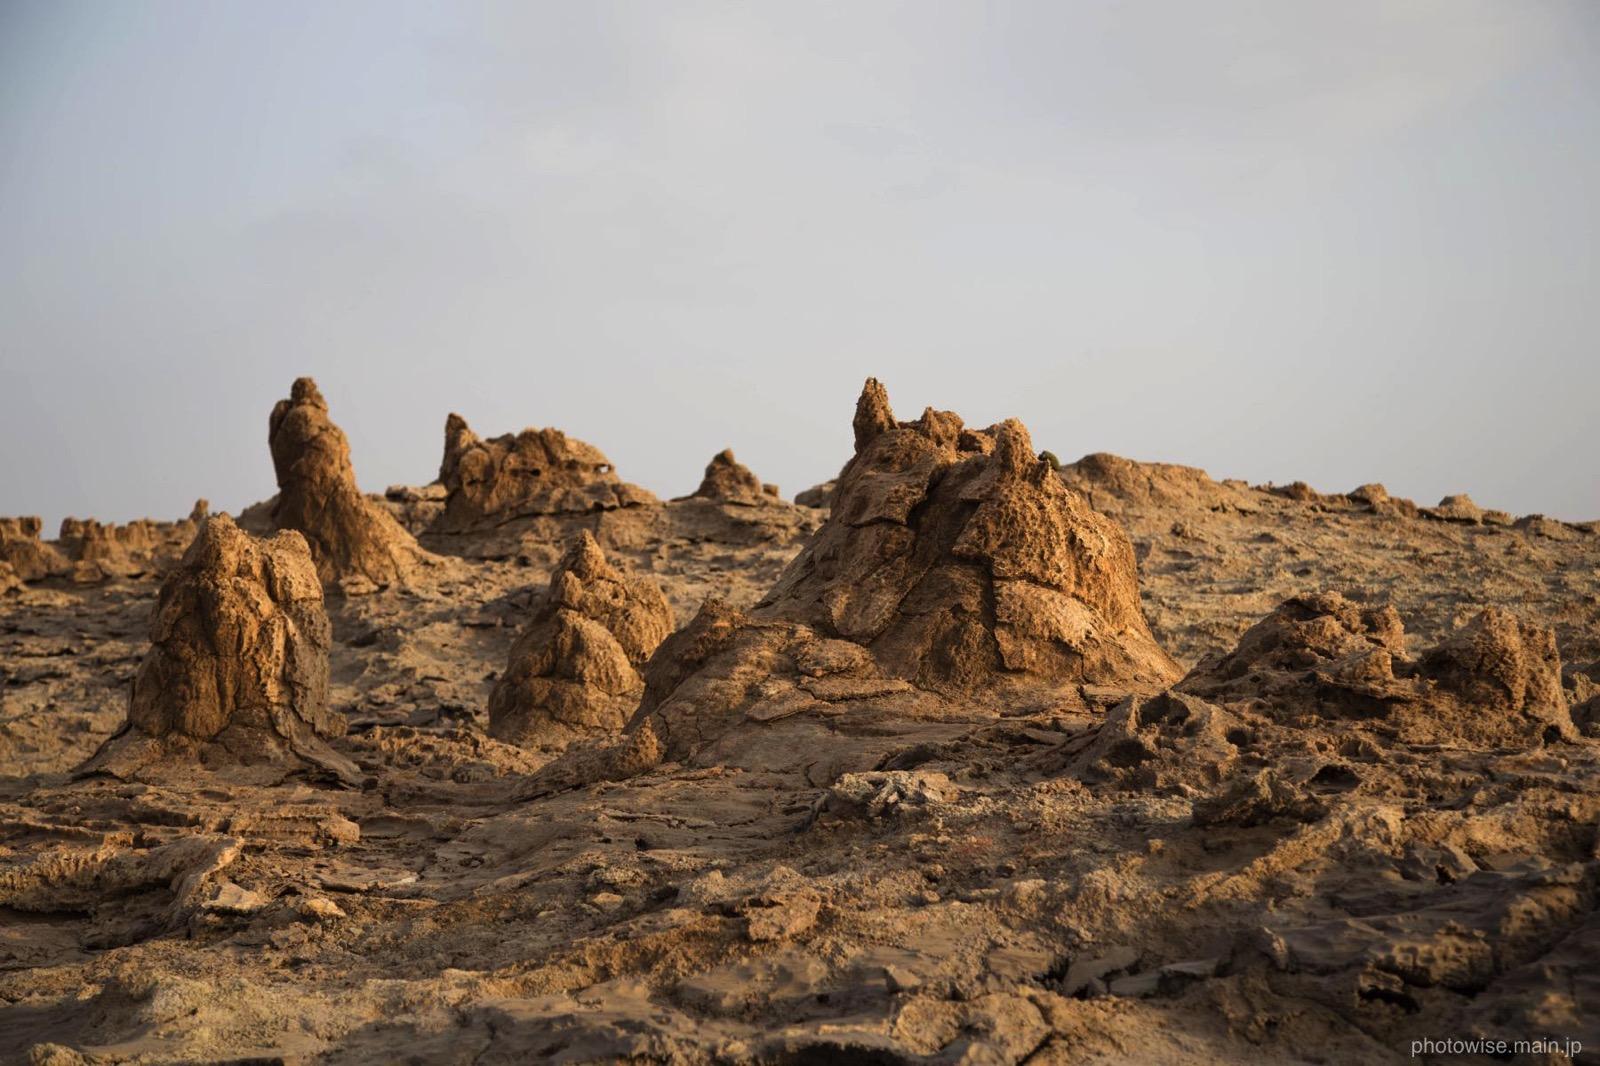 隆起した岩